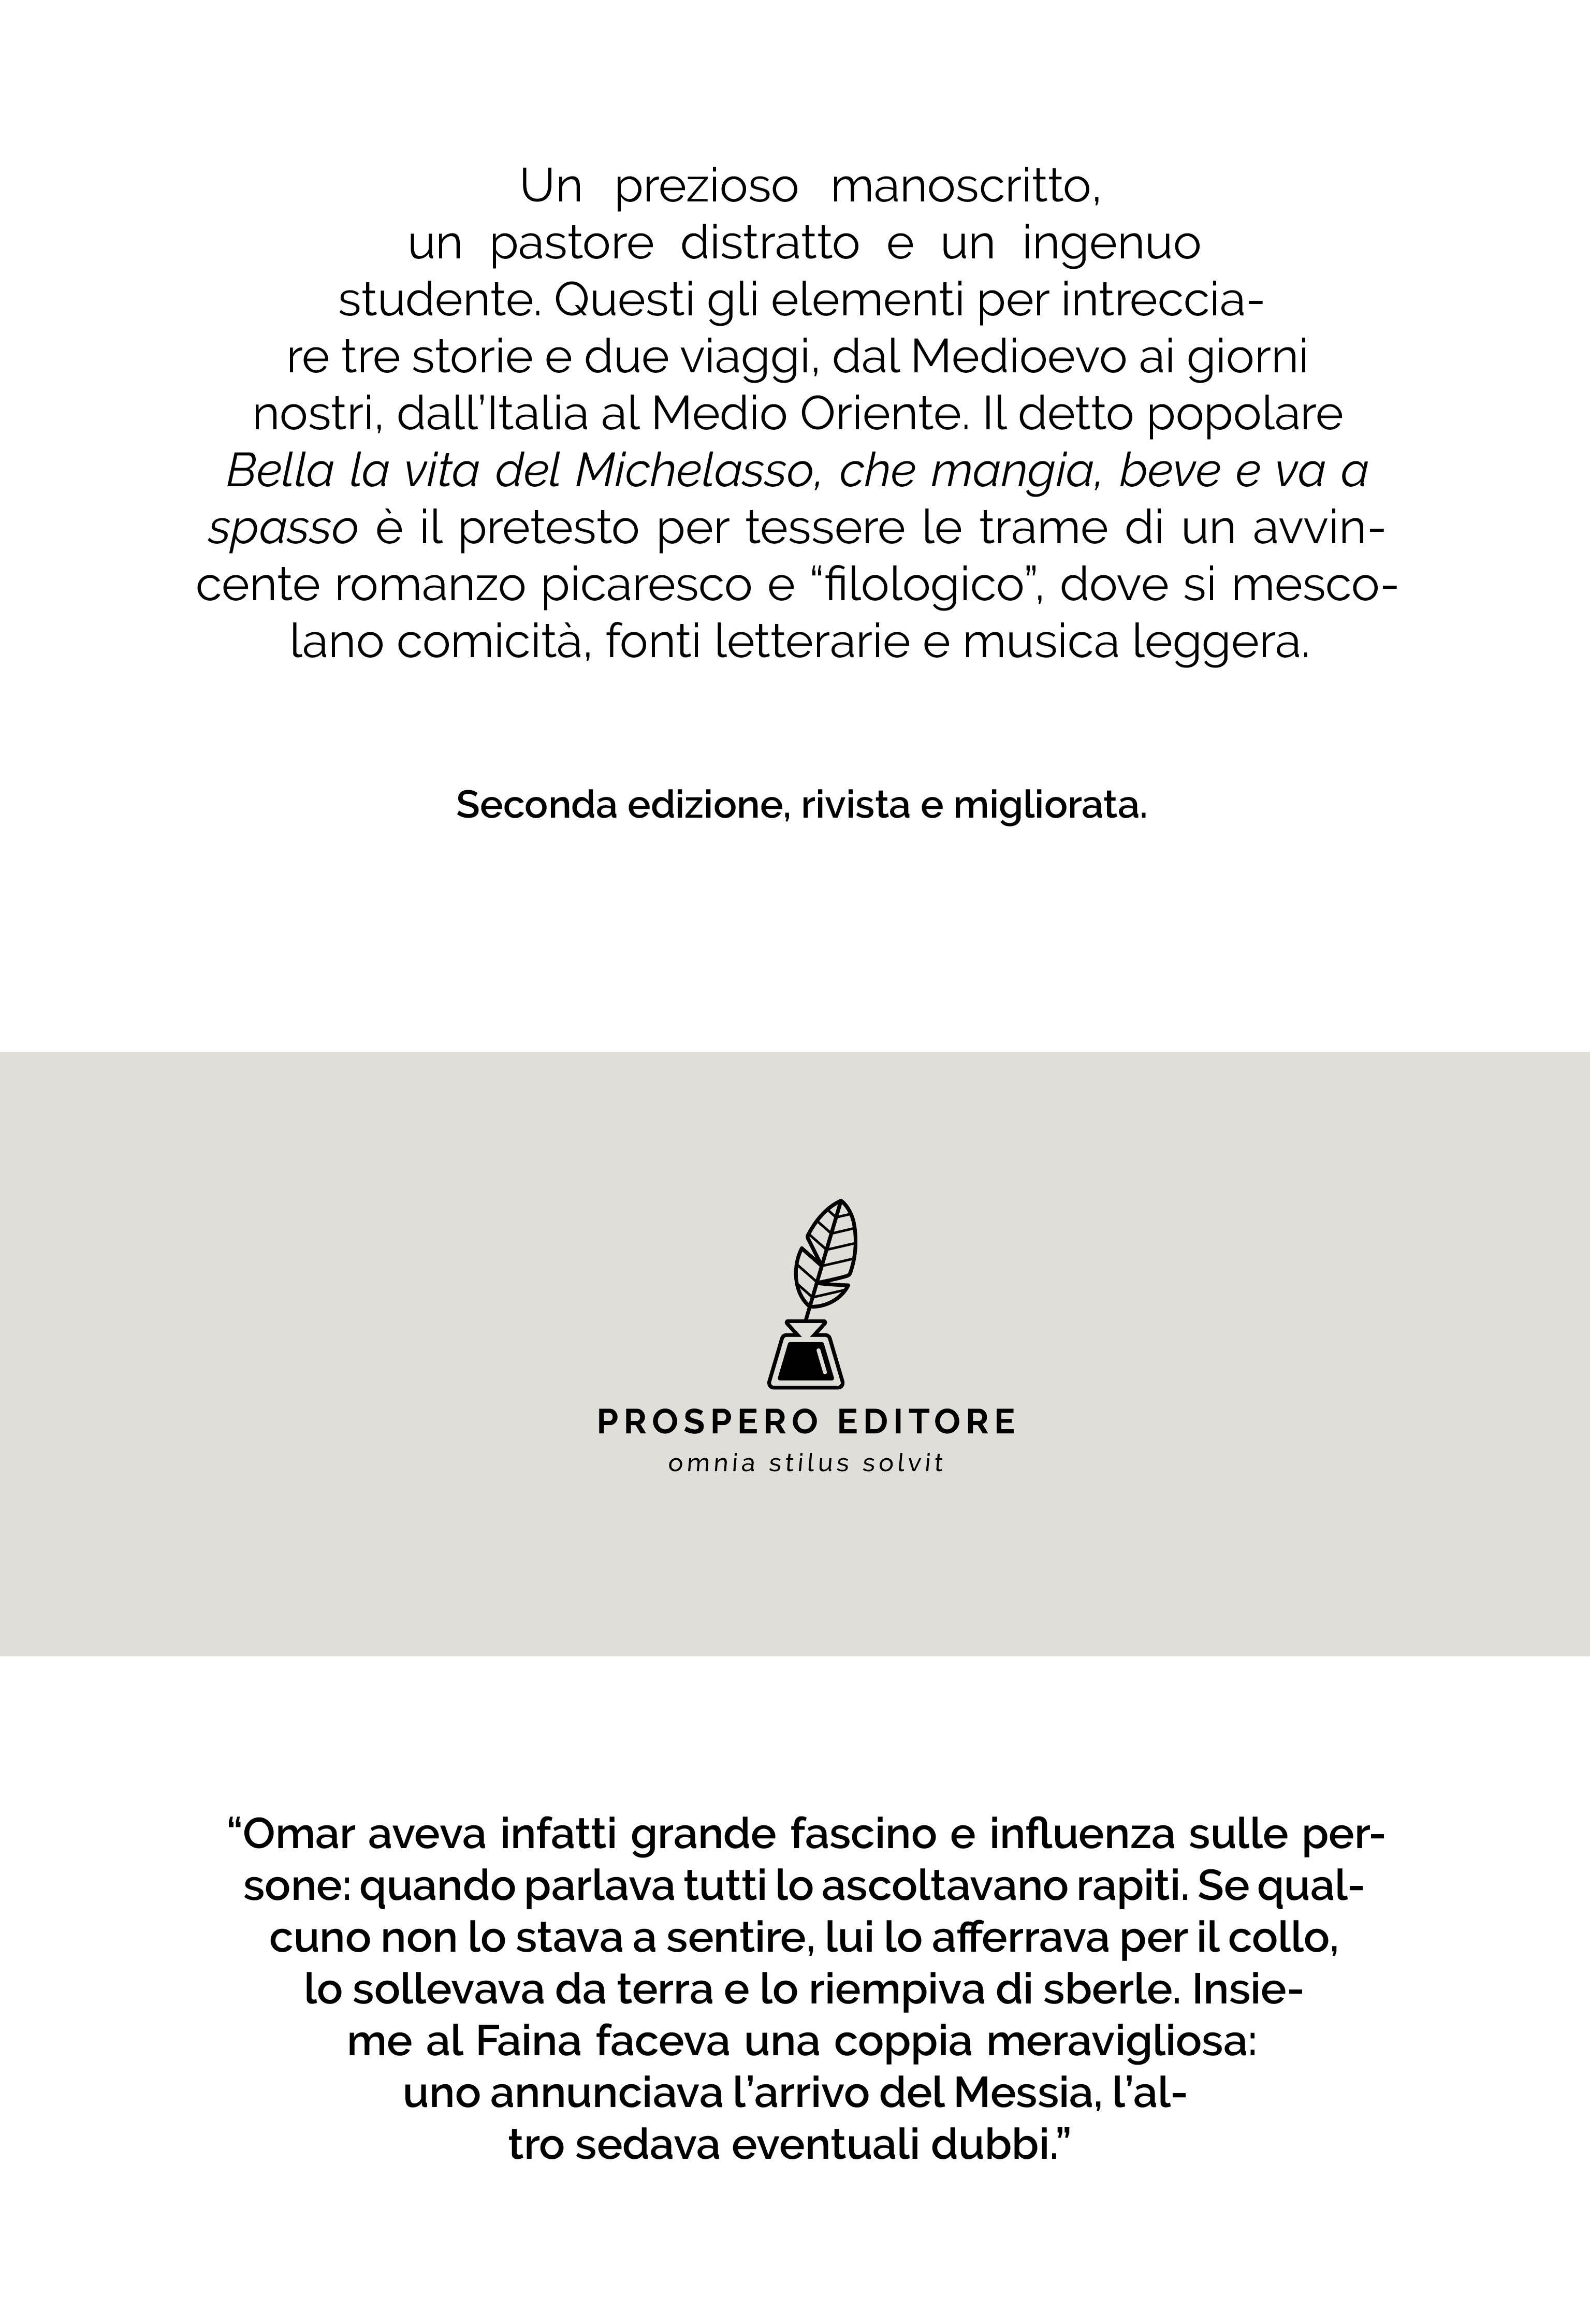 Storia del Michelasso-image-2%>